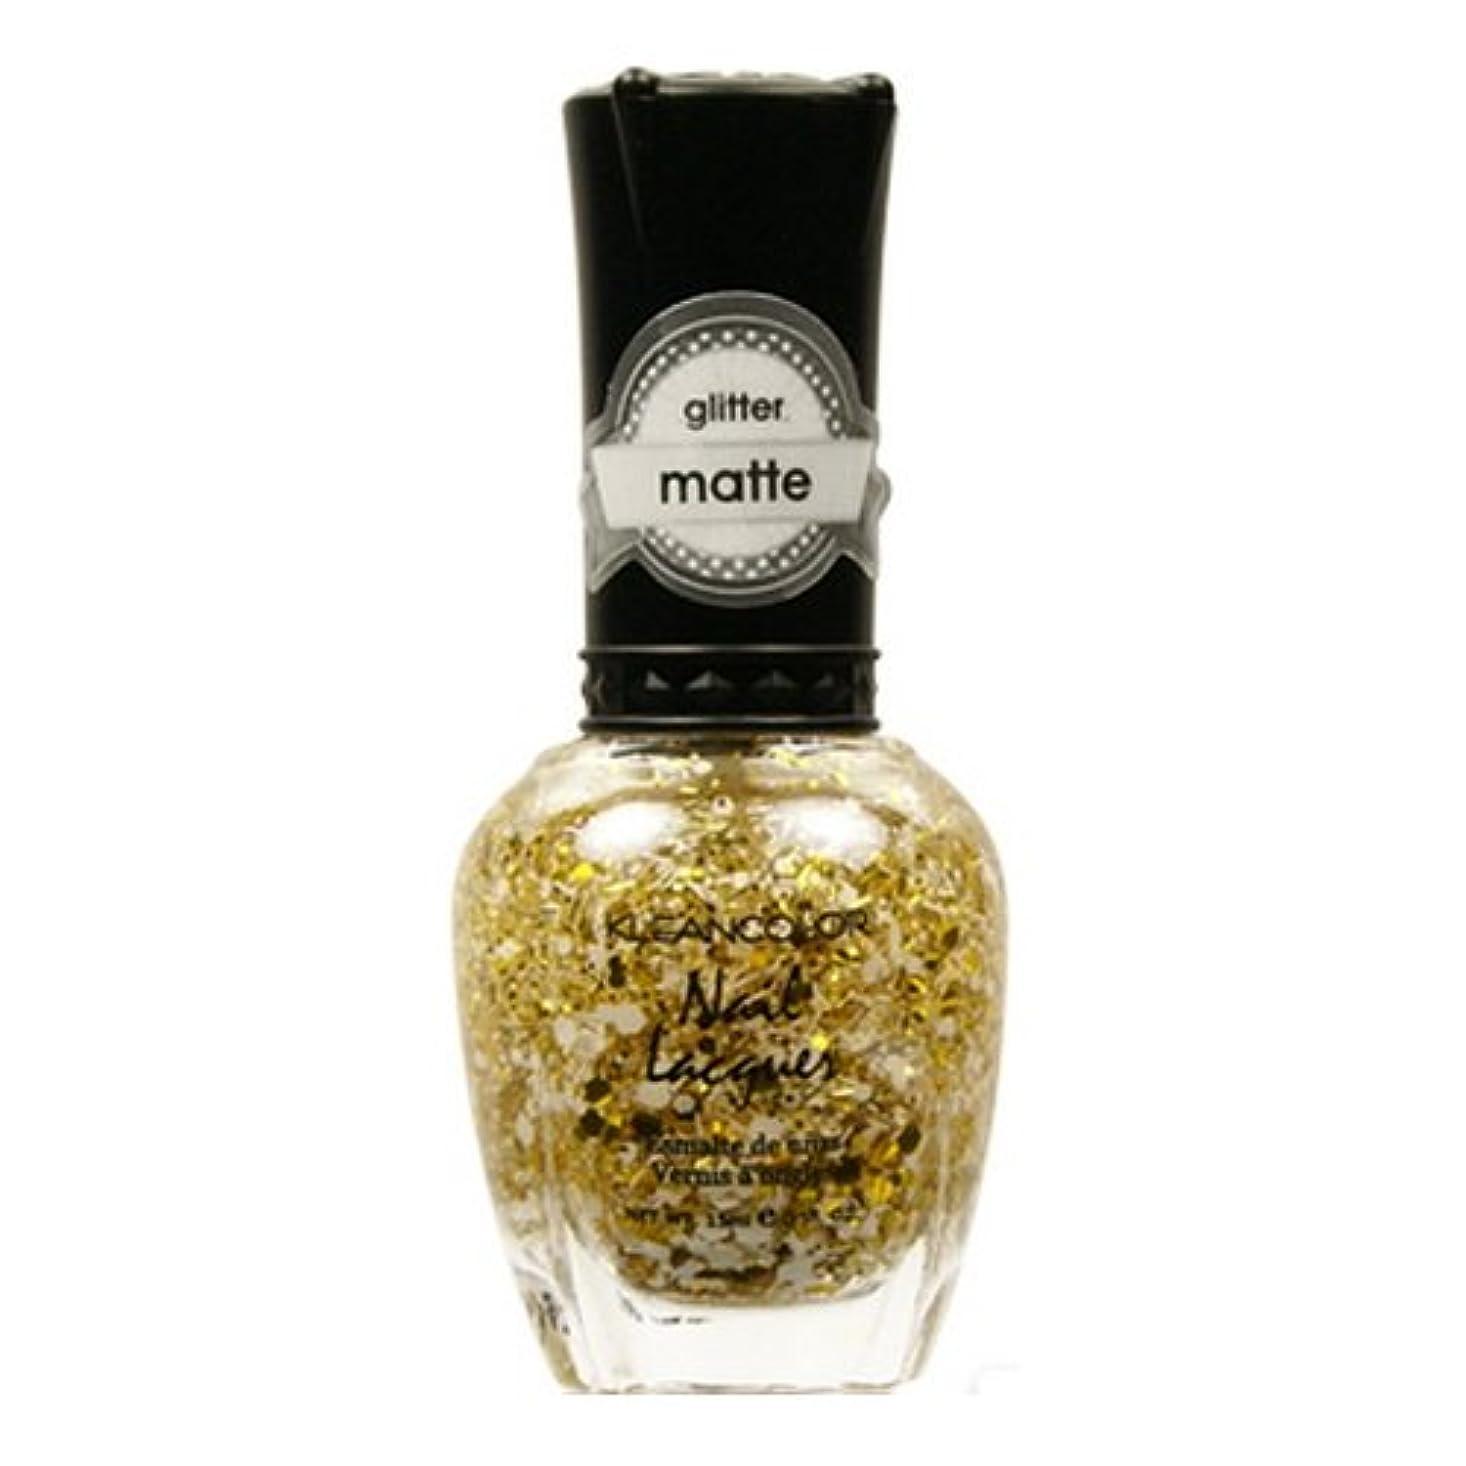 ラジエーター証明書誘惑する(3 Pack) KLEANCOLOR Glitter Matte Nail Lacquer - Everyday is My Birthday (並行輸入品)